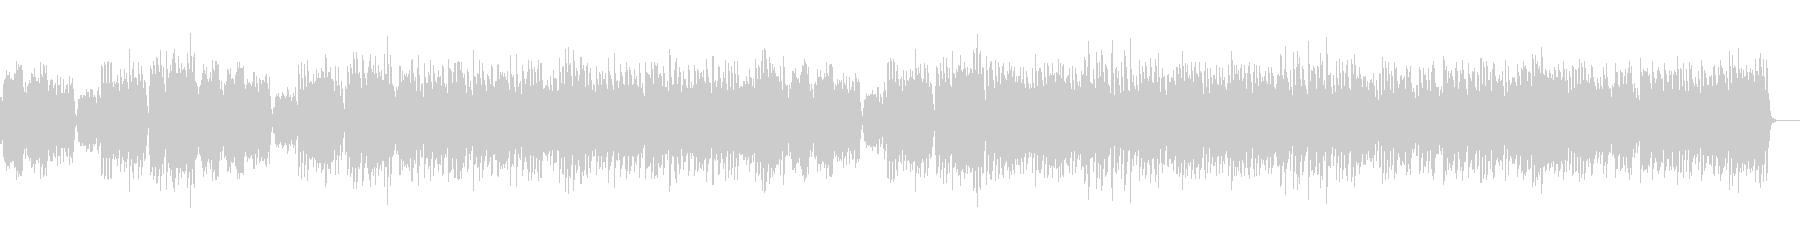 メイプル・リーフ・ラグ_オルゴールverの未再生の波形